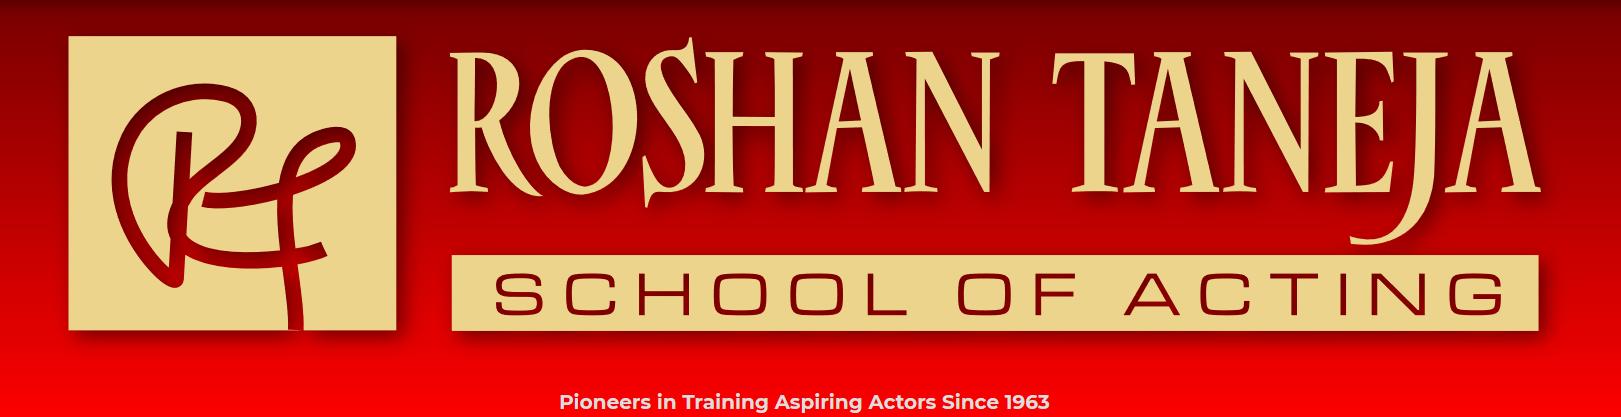 roshan-taneja-school-of-acting